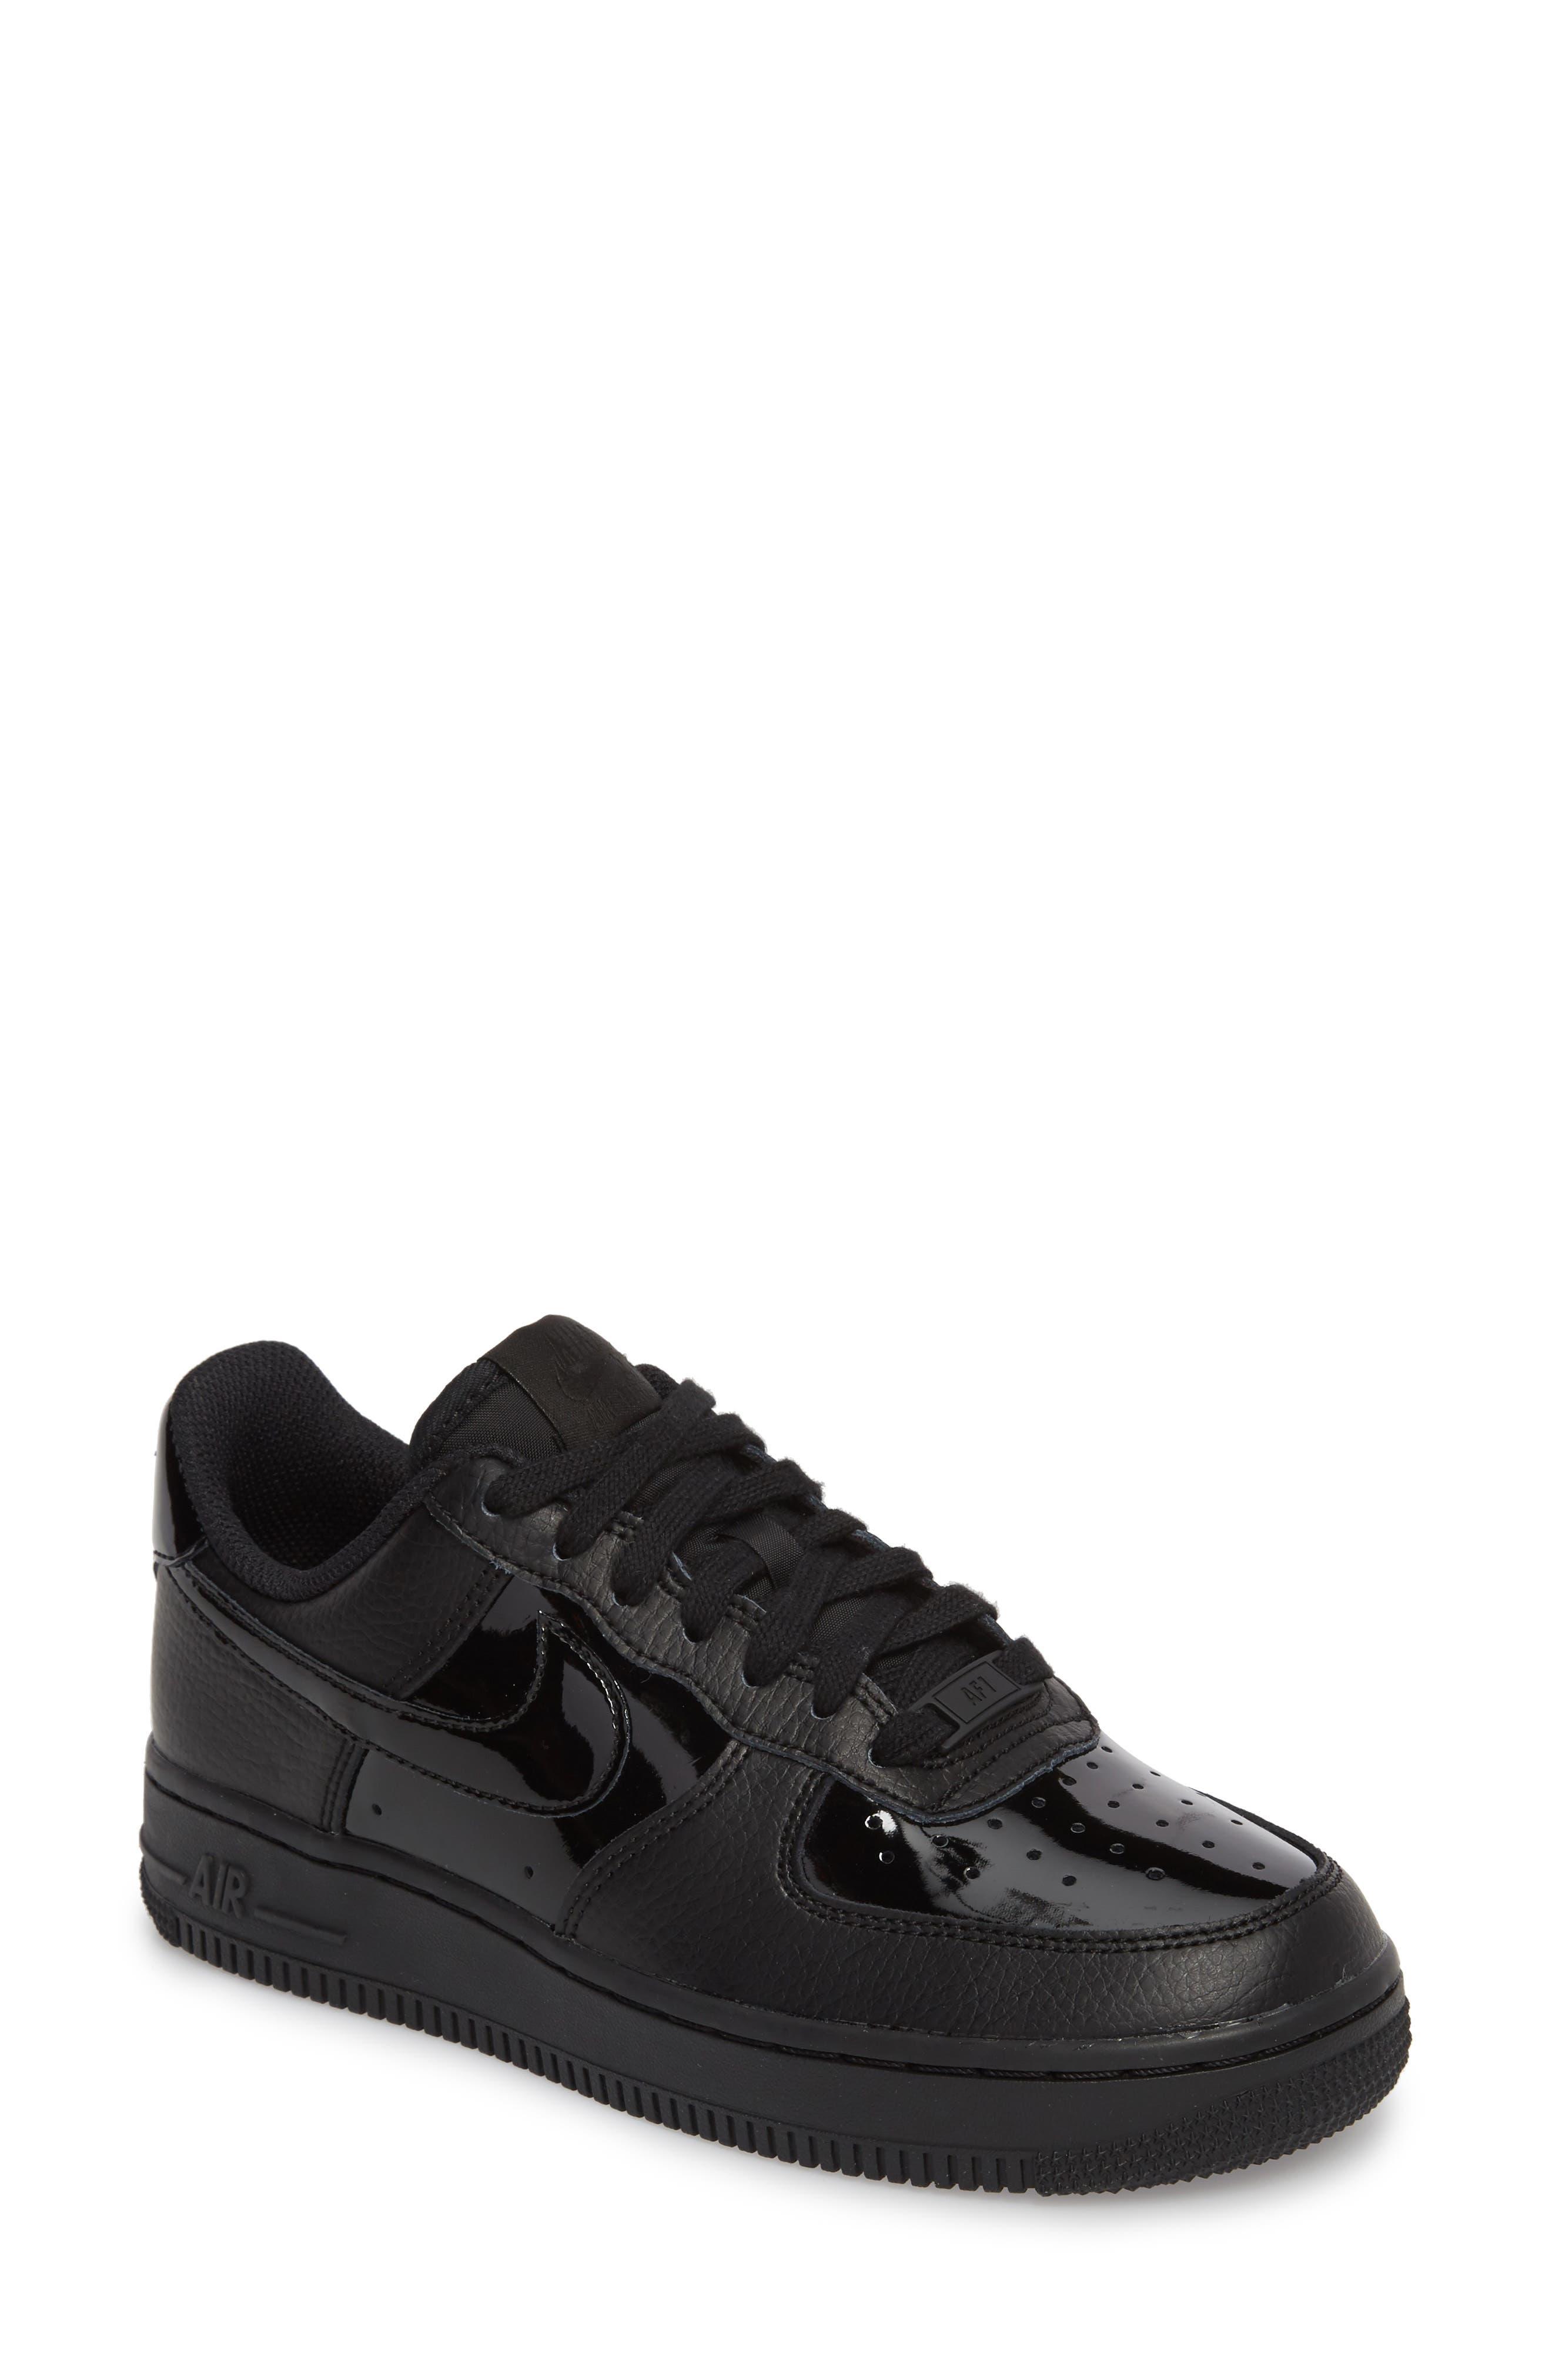 Air Force 1 '07 Sneaker,                         Main,                         color, 001